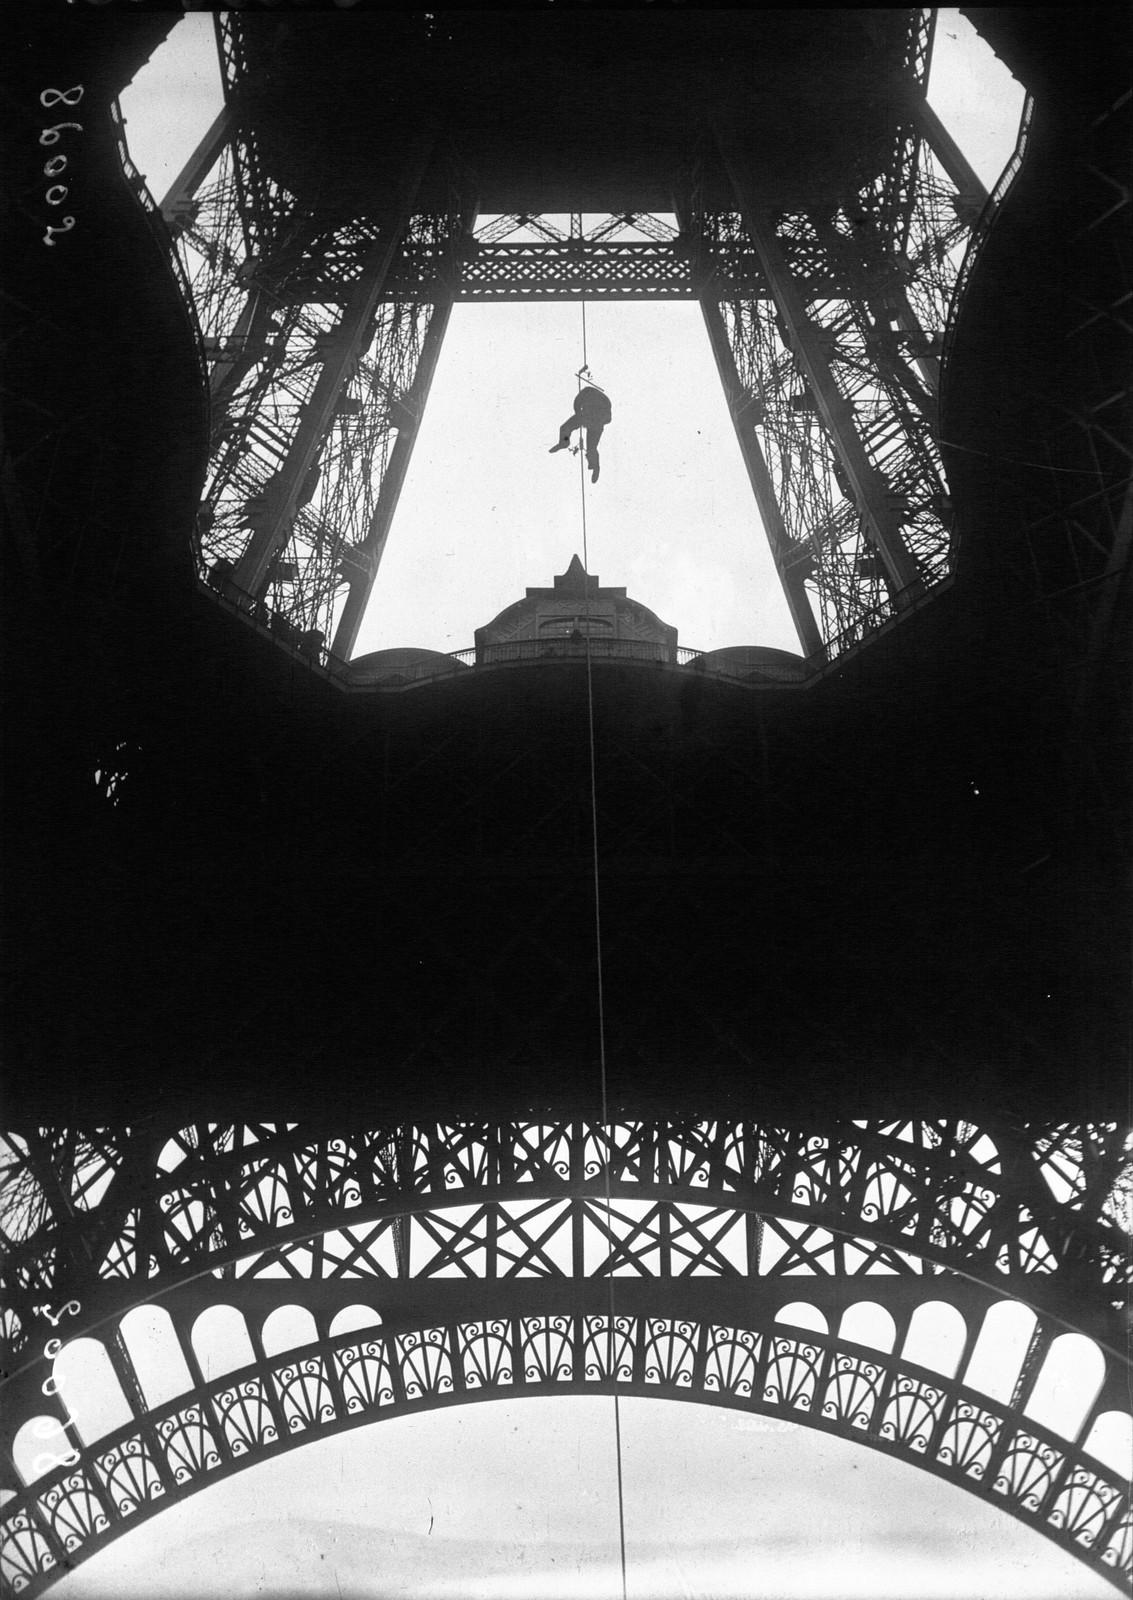 10. 1921. Поль Канс поднимается на первую платформу при помощи своего приспособления